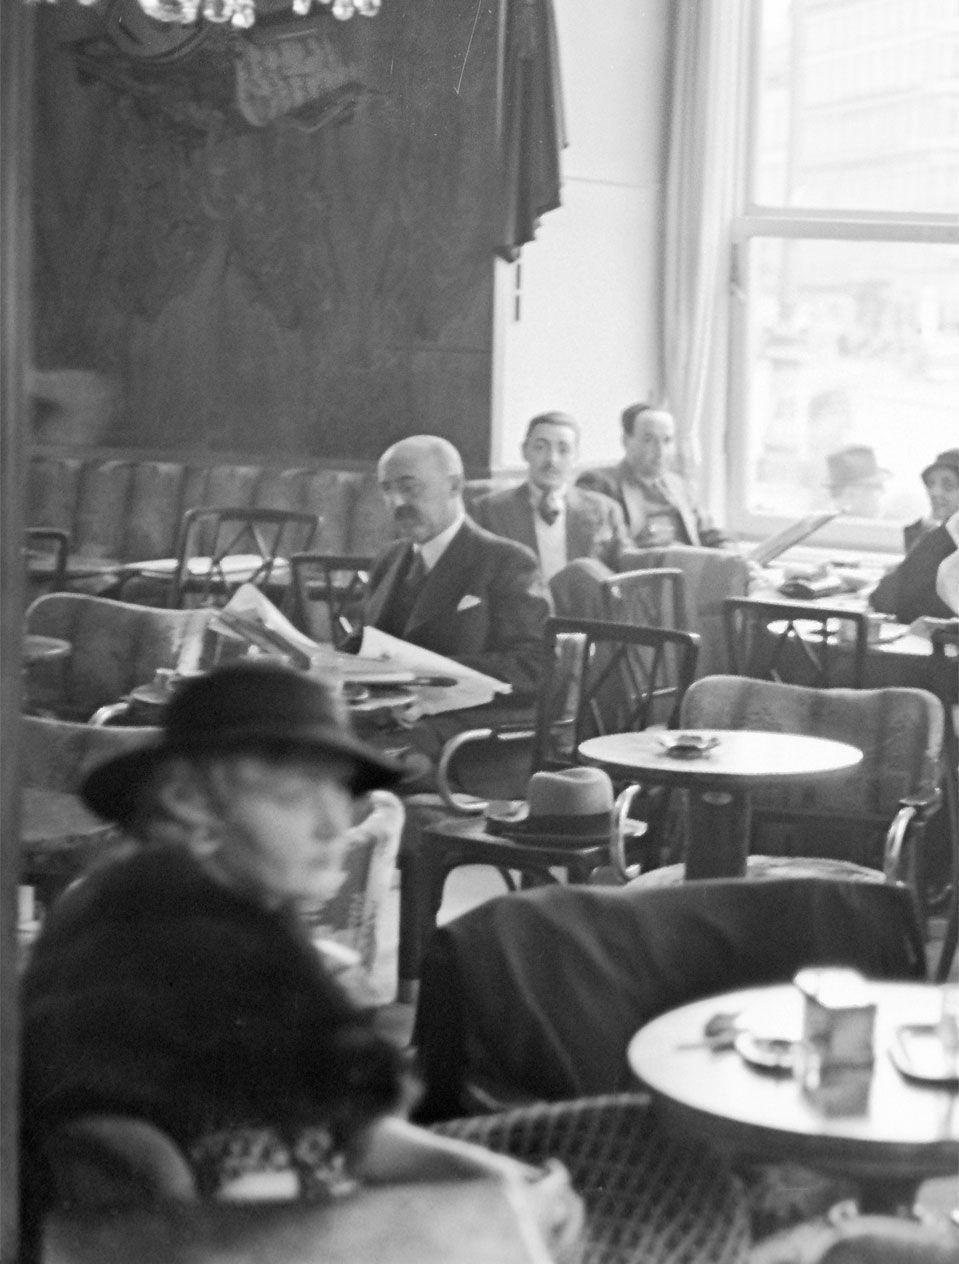 140 Jahre Cafe Central Als Im Wiener Kaffeehaus Basketball Gespielt Wurde Wiener Kaffeehaus Kaffeehaus Cafe